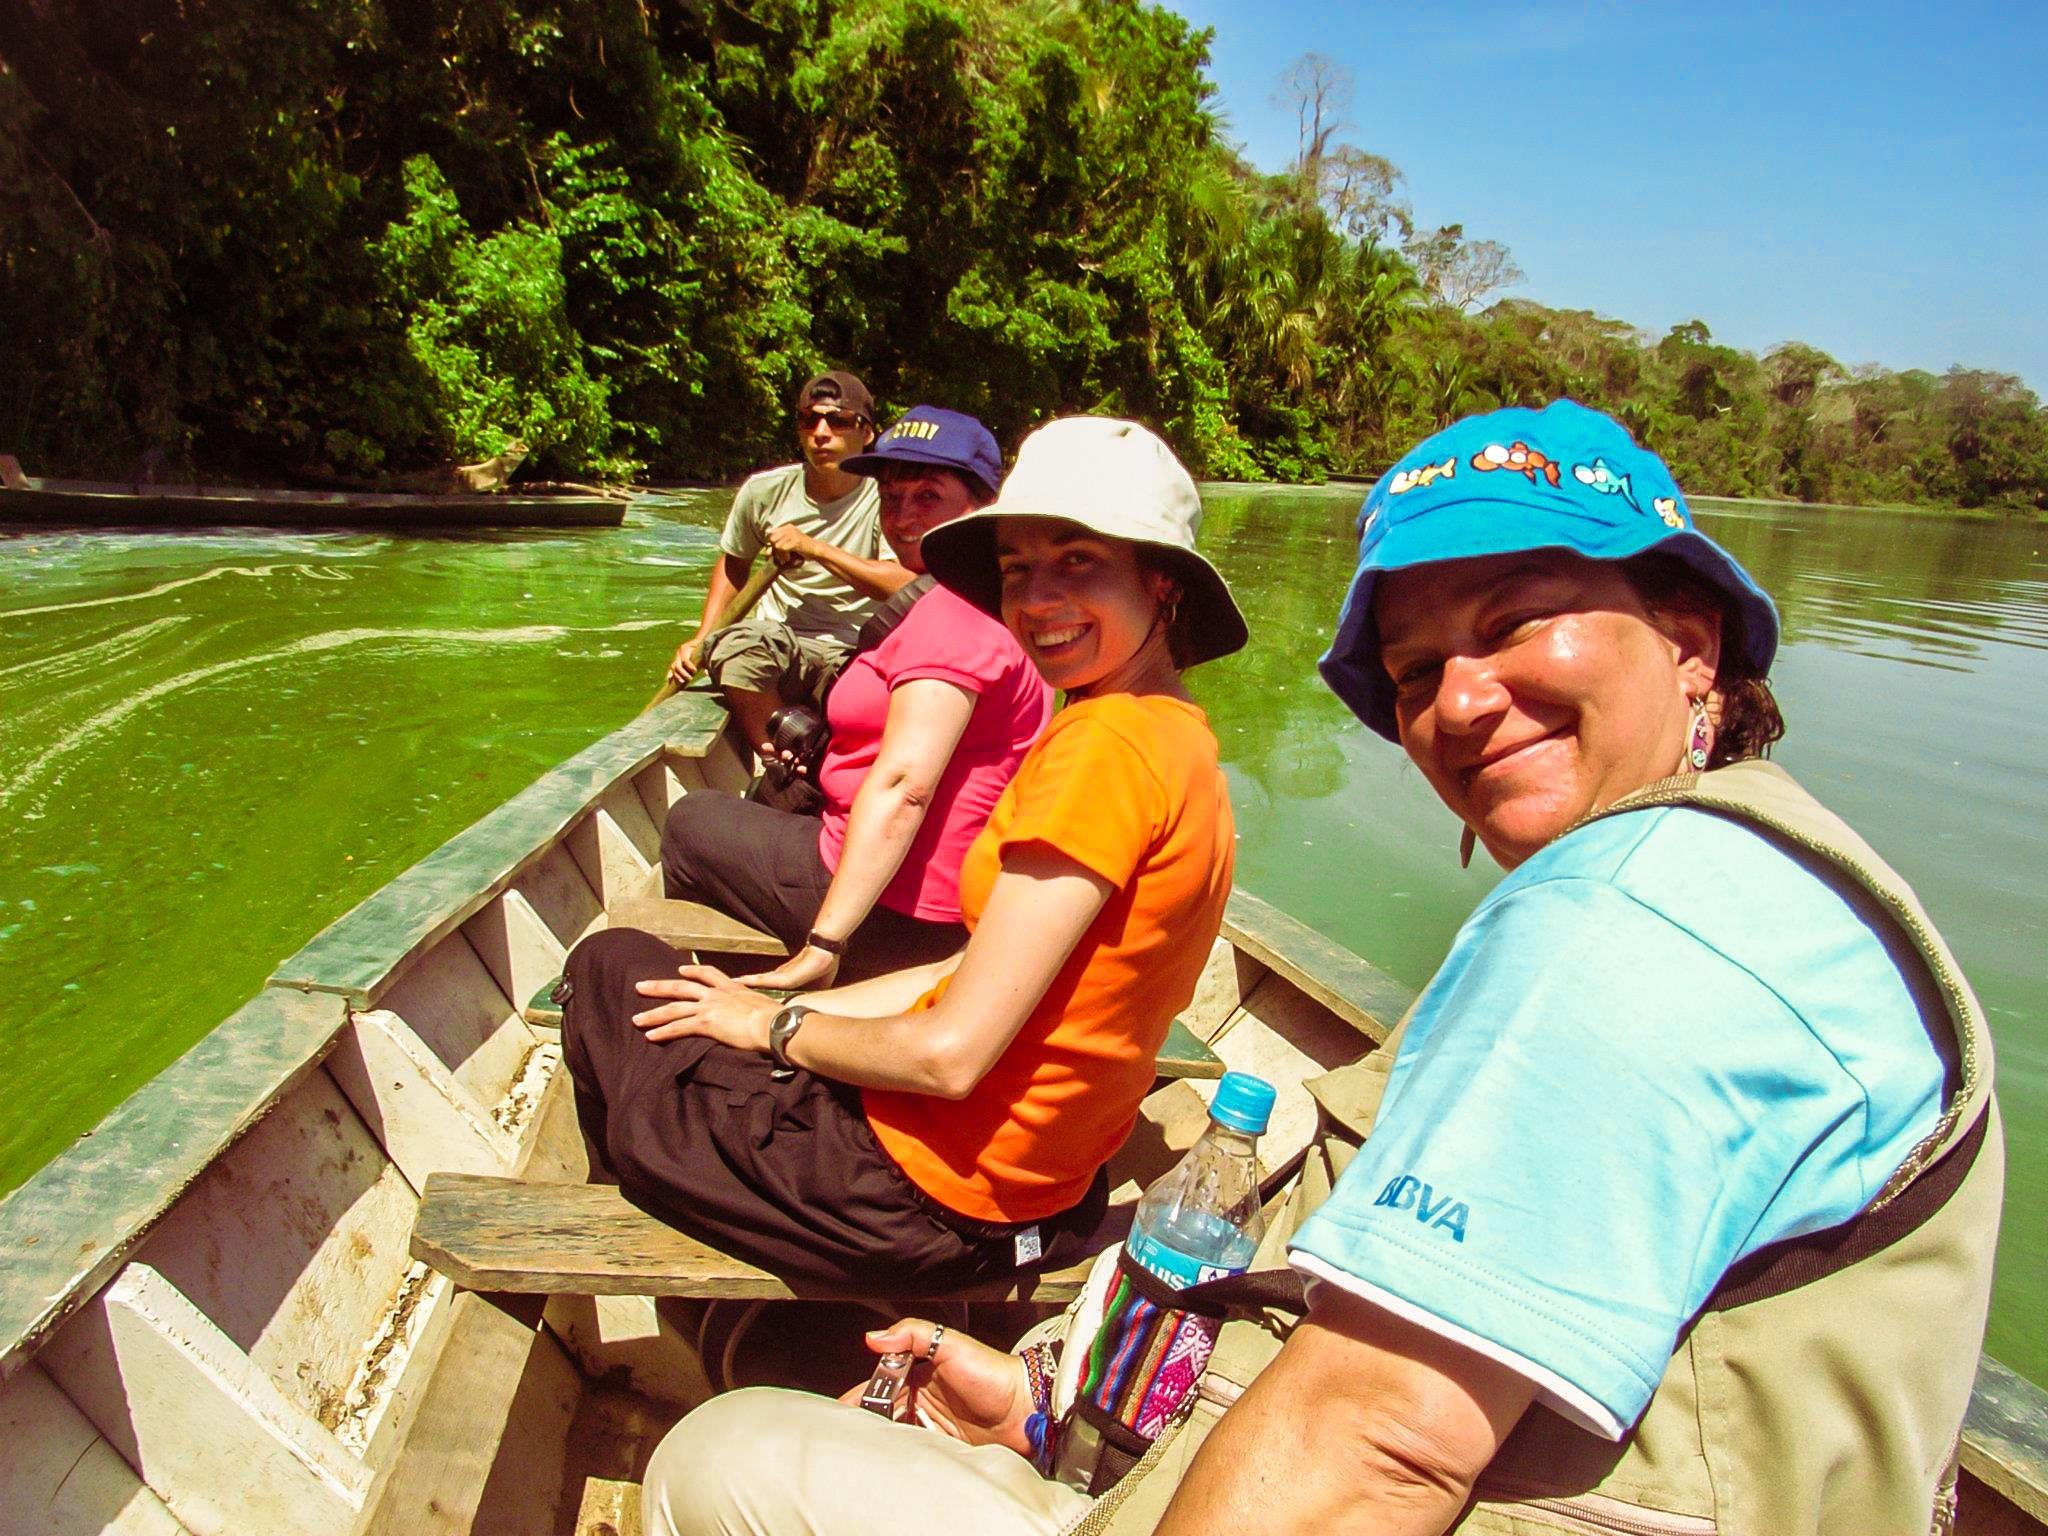 Amazon jungle lake Peru